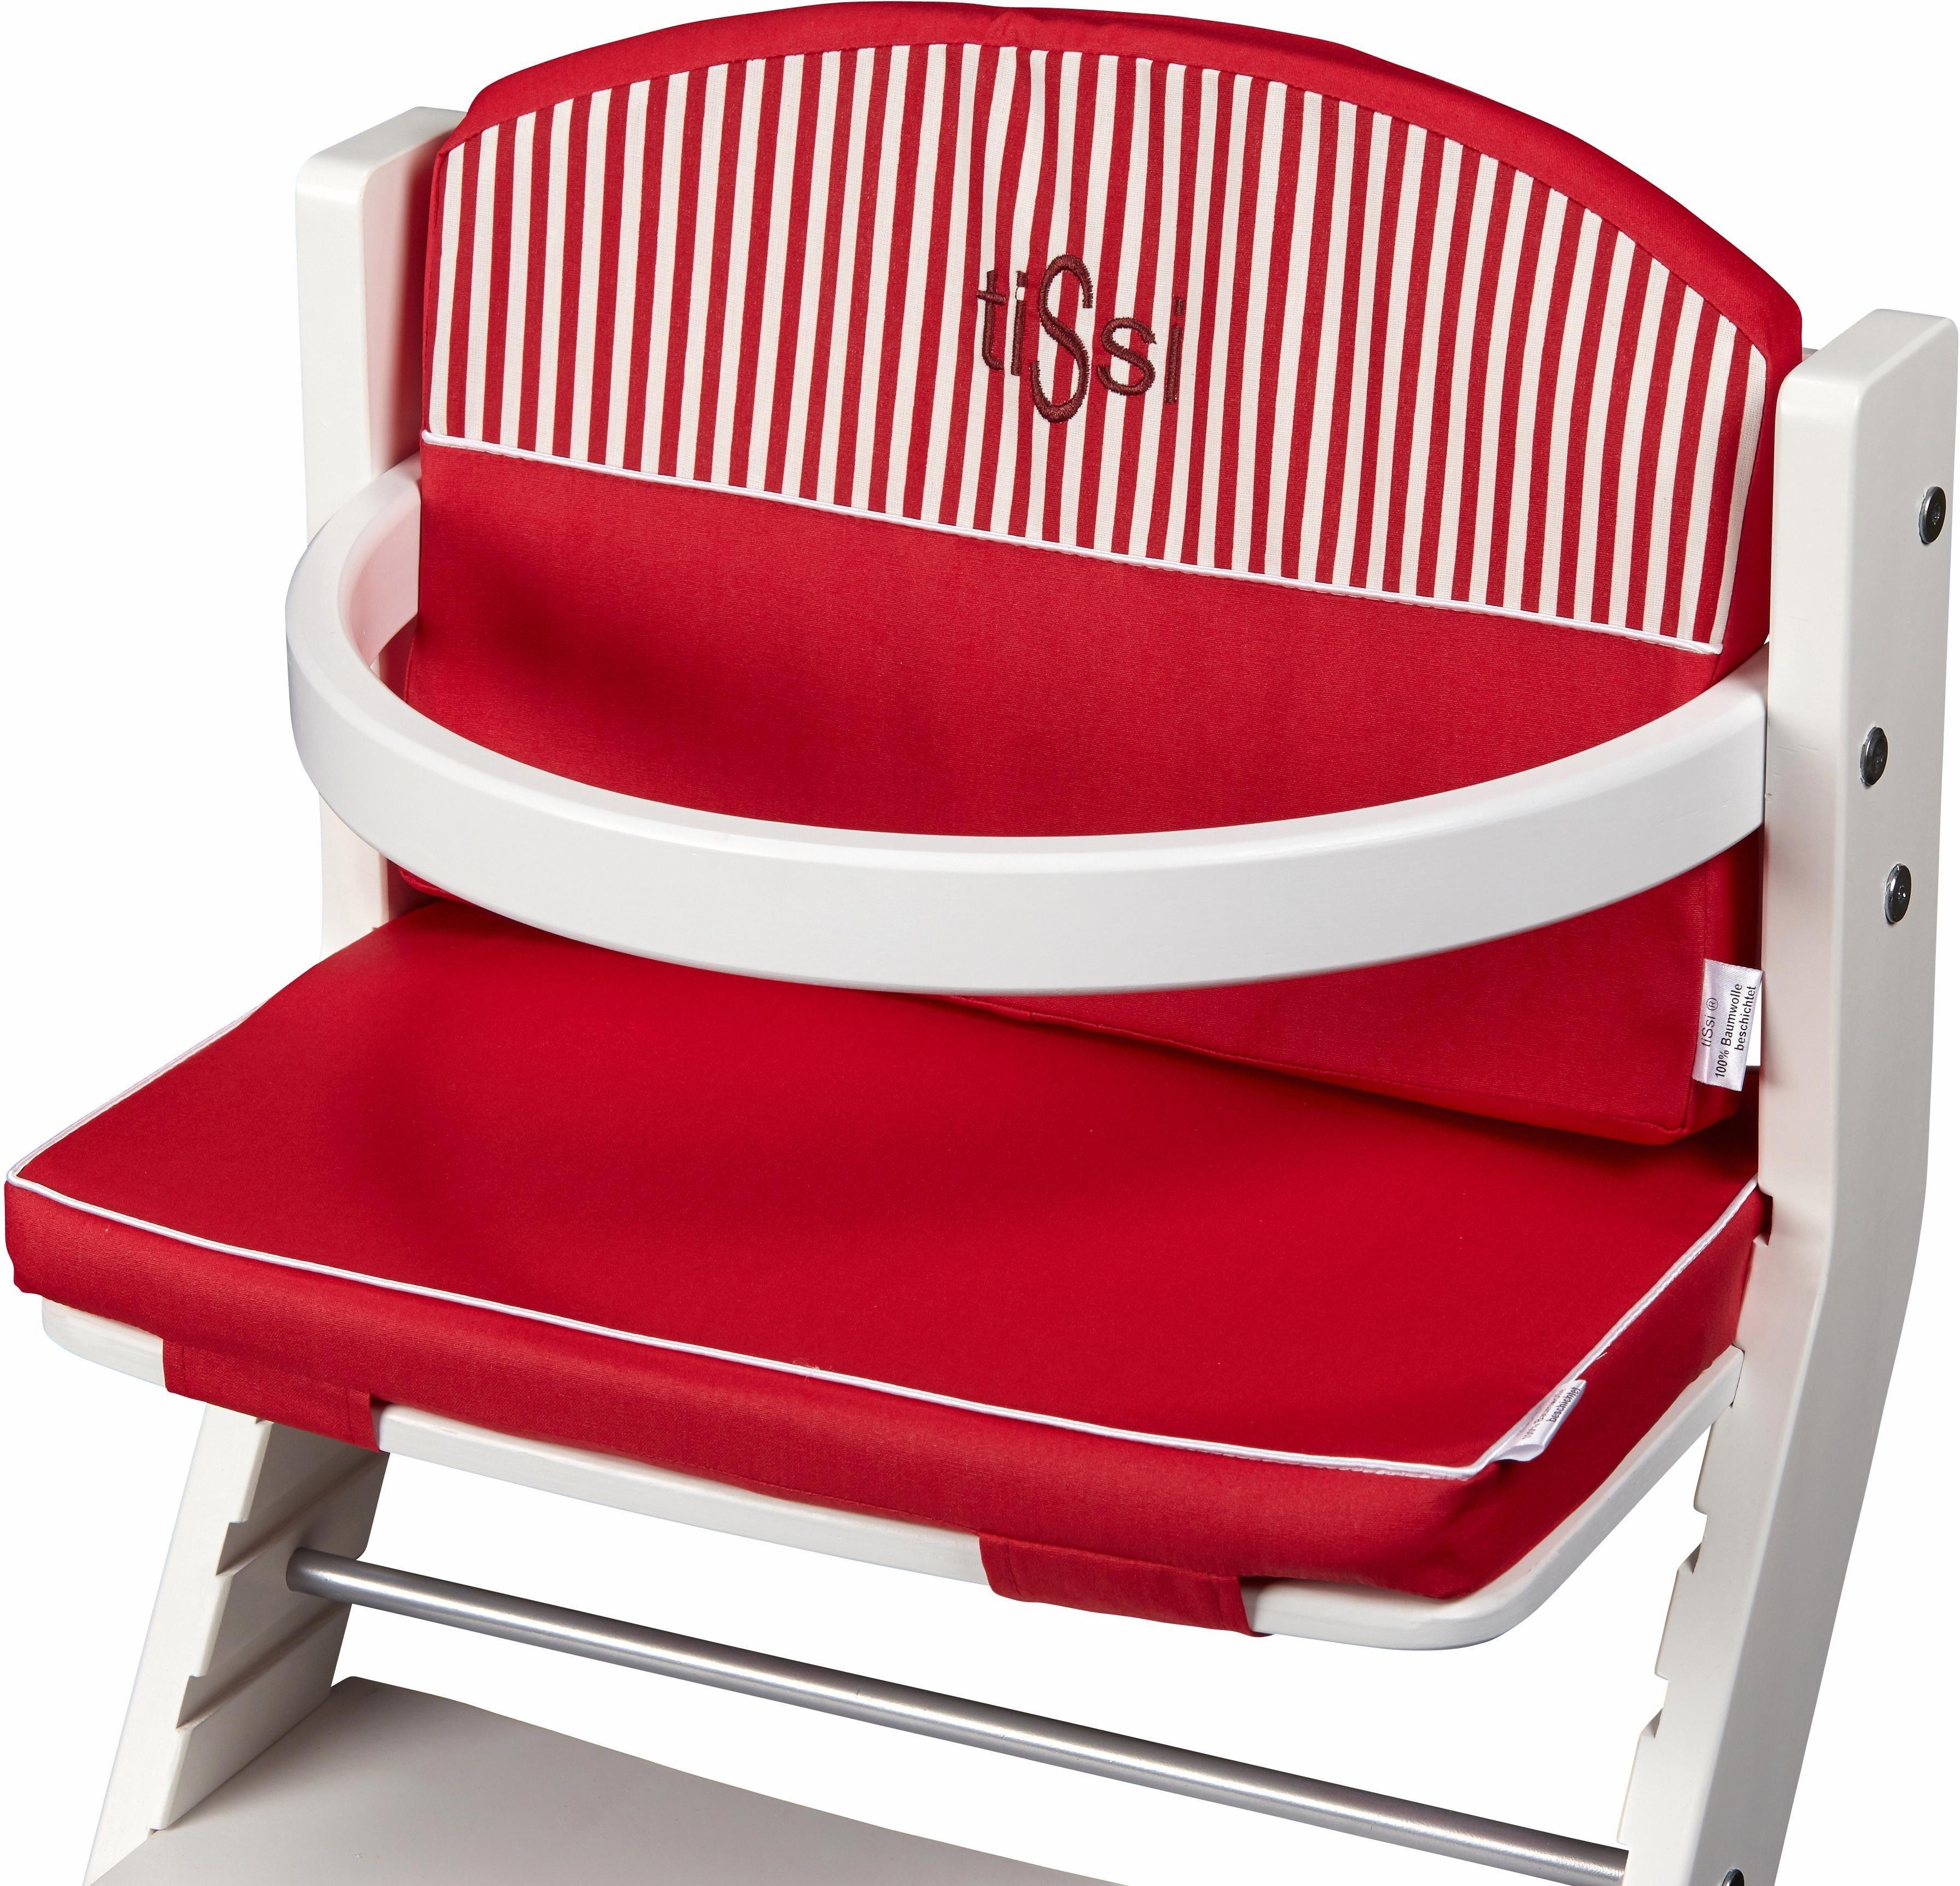 tiSsi® Sitzpolster für Hochstuhl, »Rot-gestreift«   Kinderzimmer > Kinderzimmerstühle > Hochstühle   tiSsi®